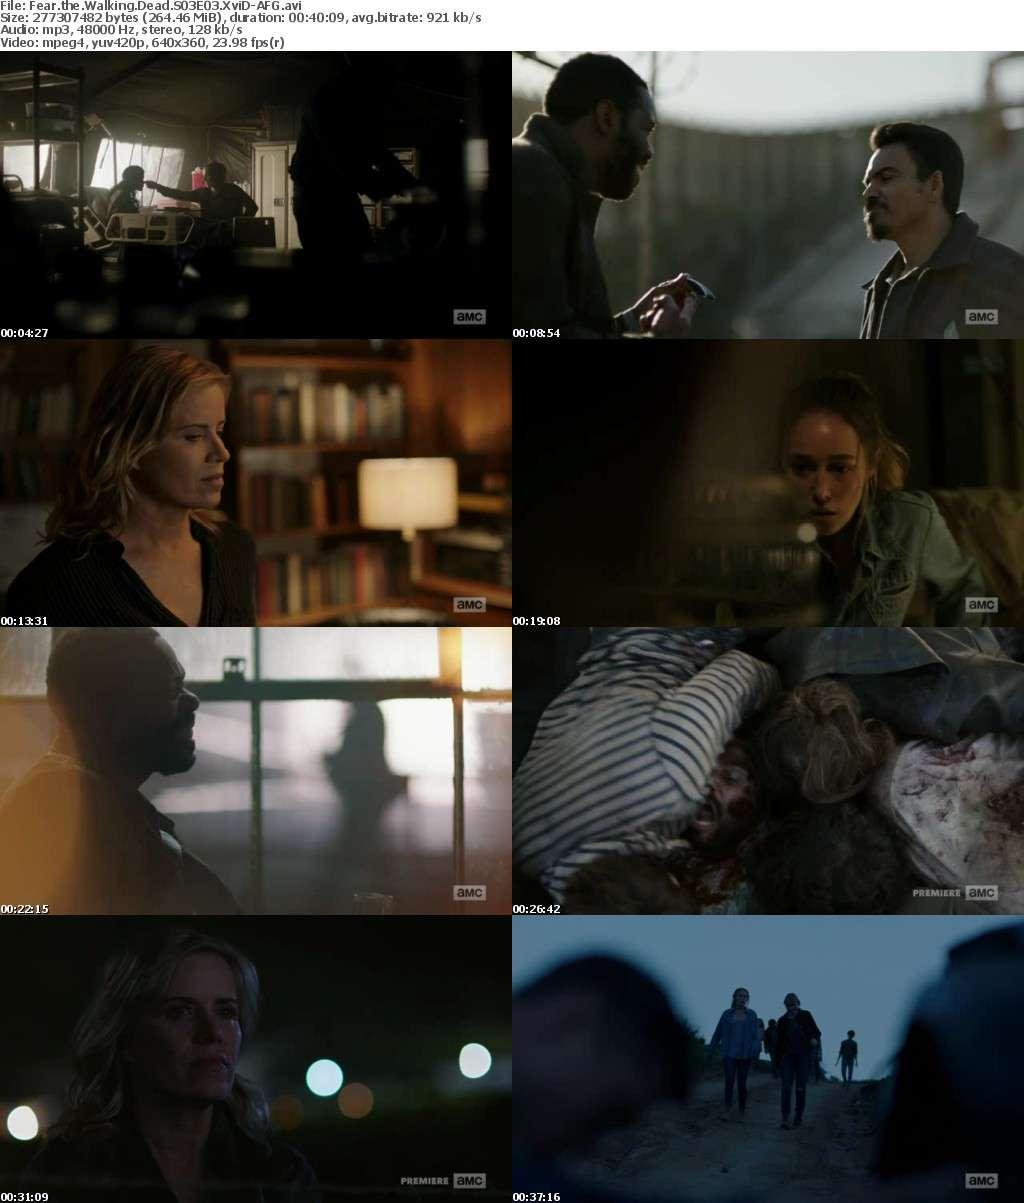 Fear the Walking Dead S03E03 XviD-AFG